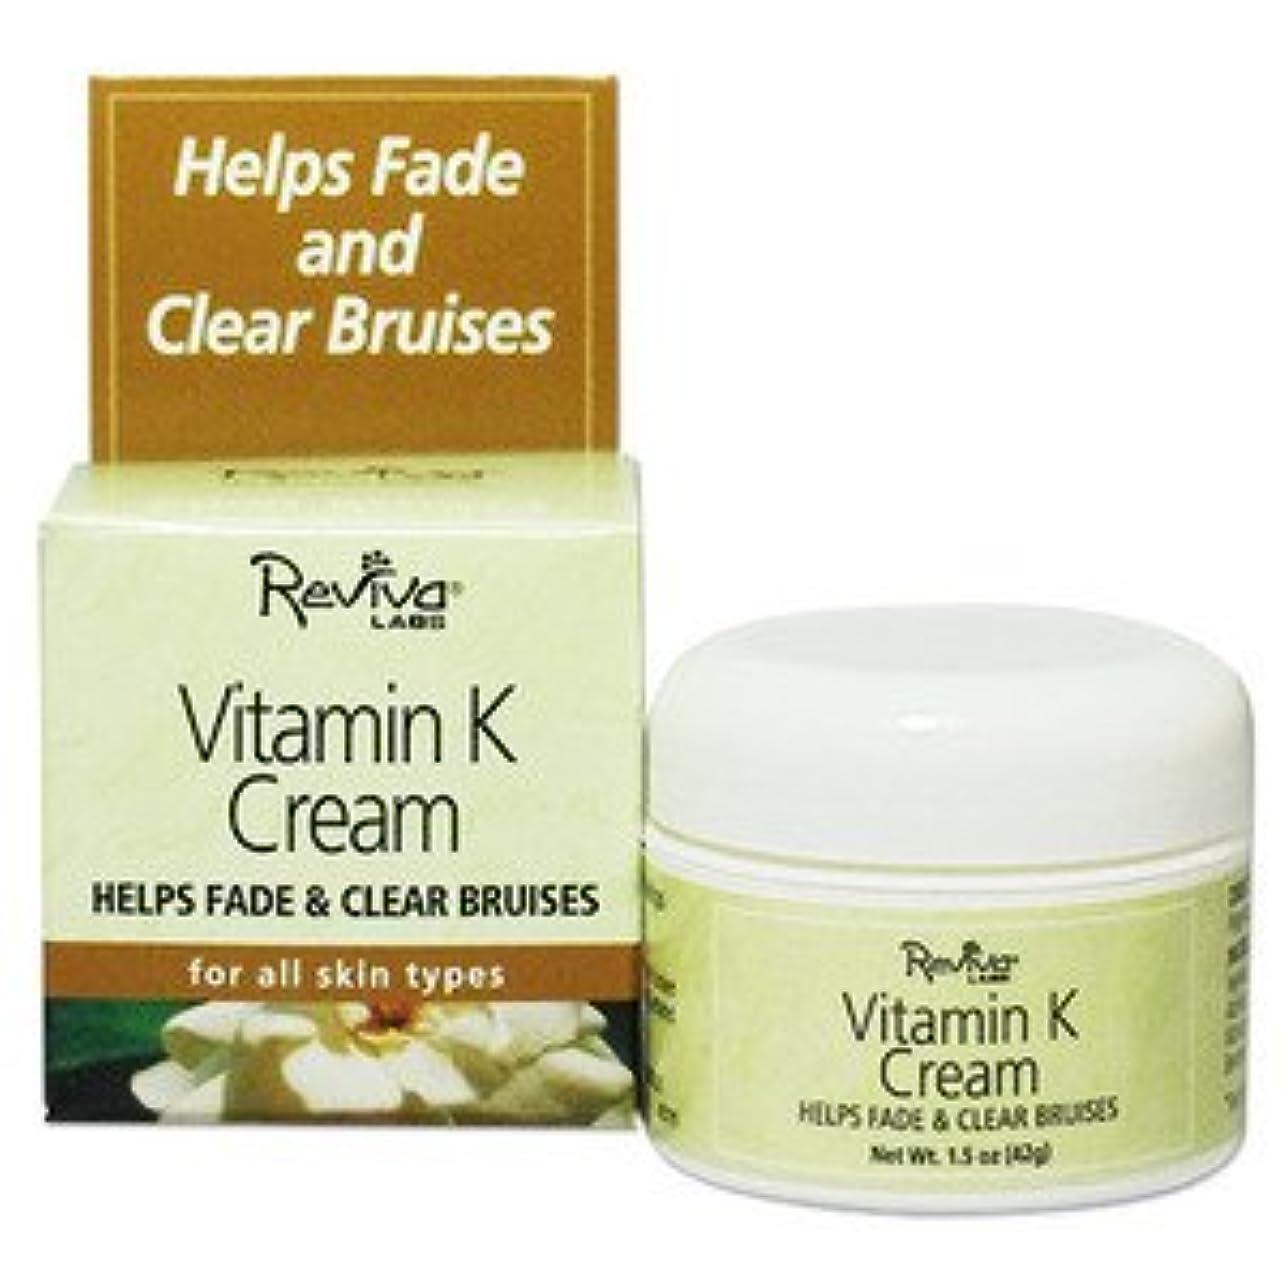 いいね大量ライオンReviva Labs レビバ社 Vitamin K Cream  (42 g)  ビタミンK クリーム 海外直送品